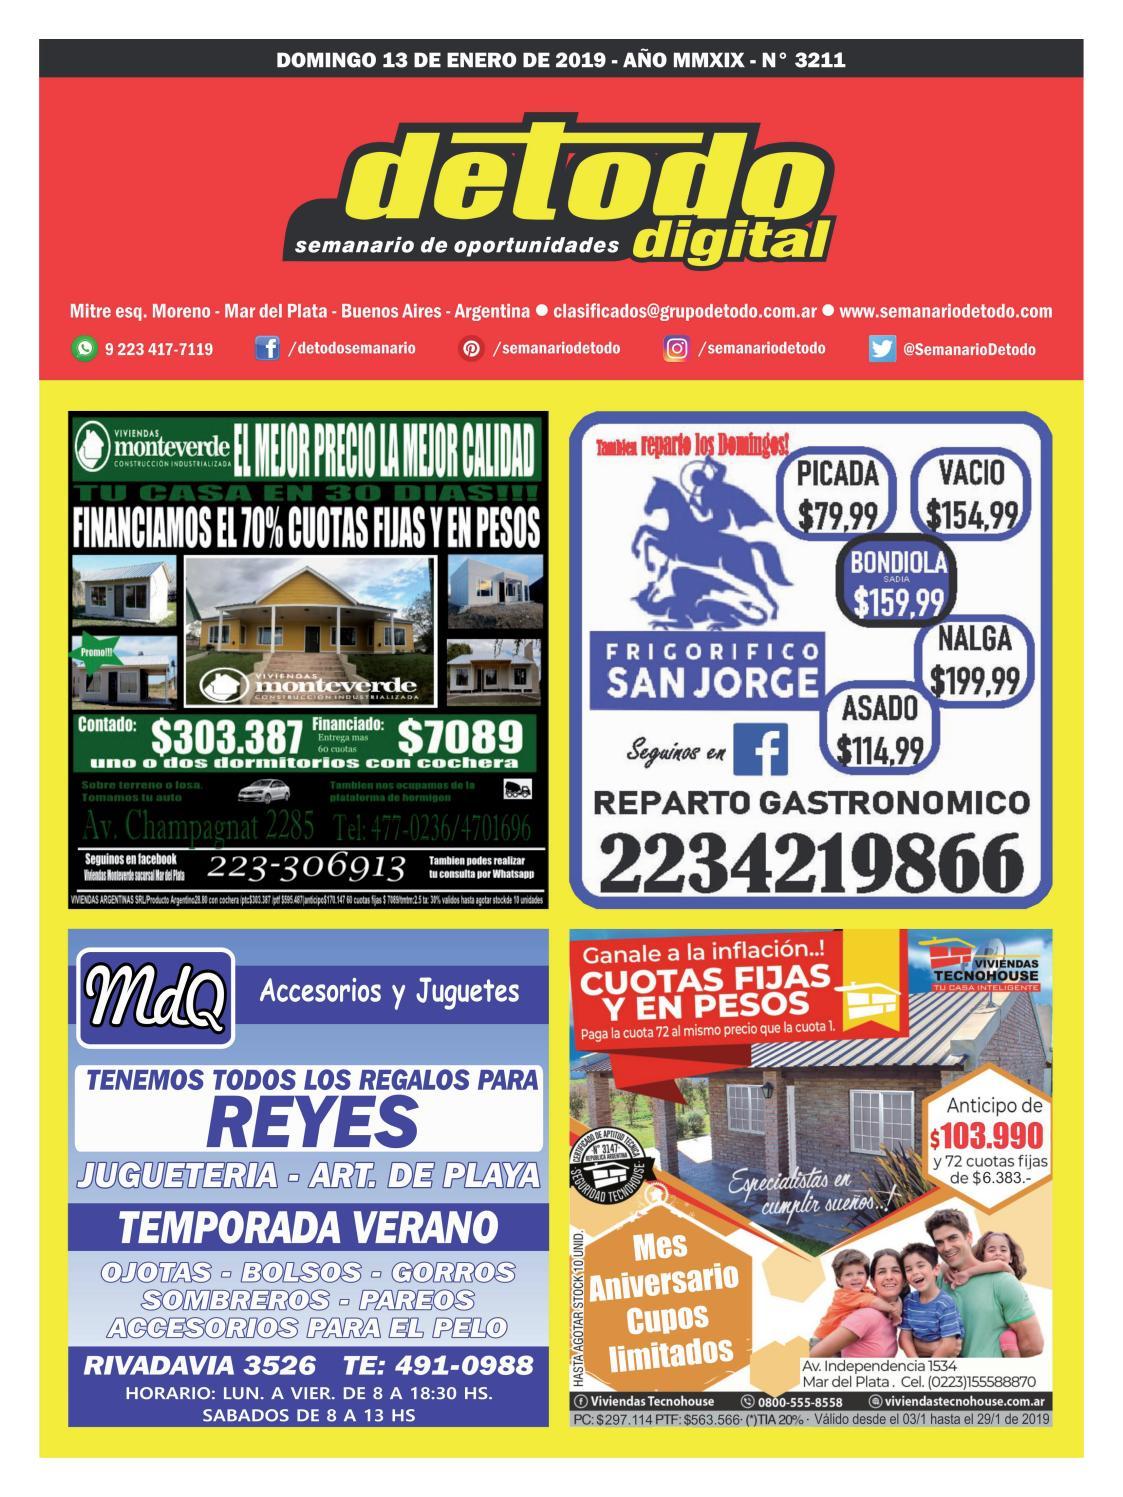 Semanario Detodo - Edición N° 3211 - 13 01 2019 by Semanario Detodo - issuu 10d1ba72948